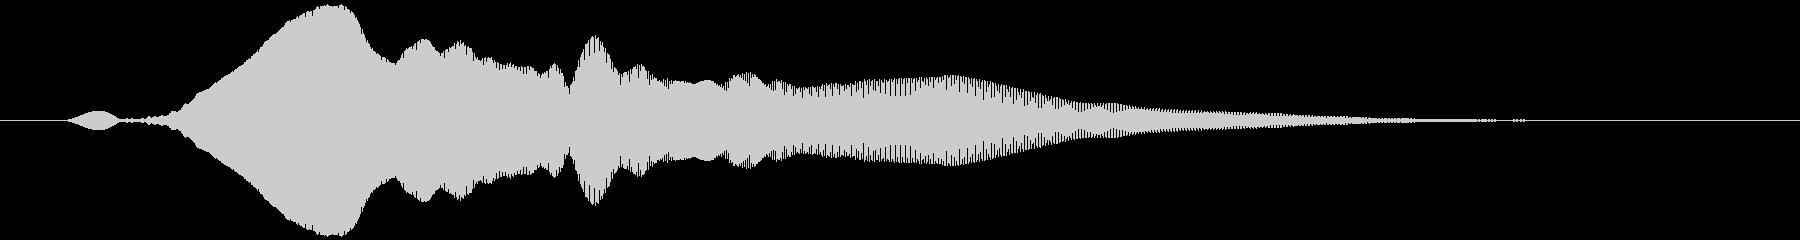 オノマトペ(下降) ヒヨォッの未再生の波形